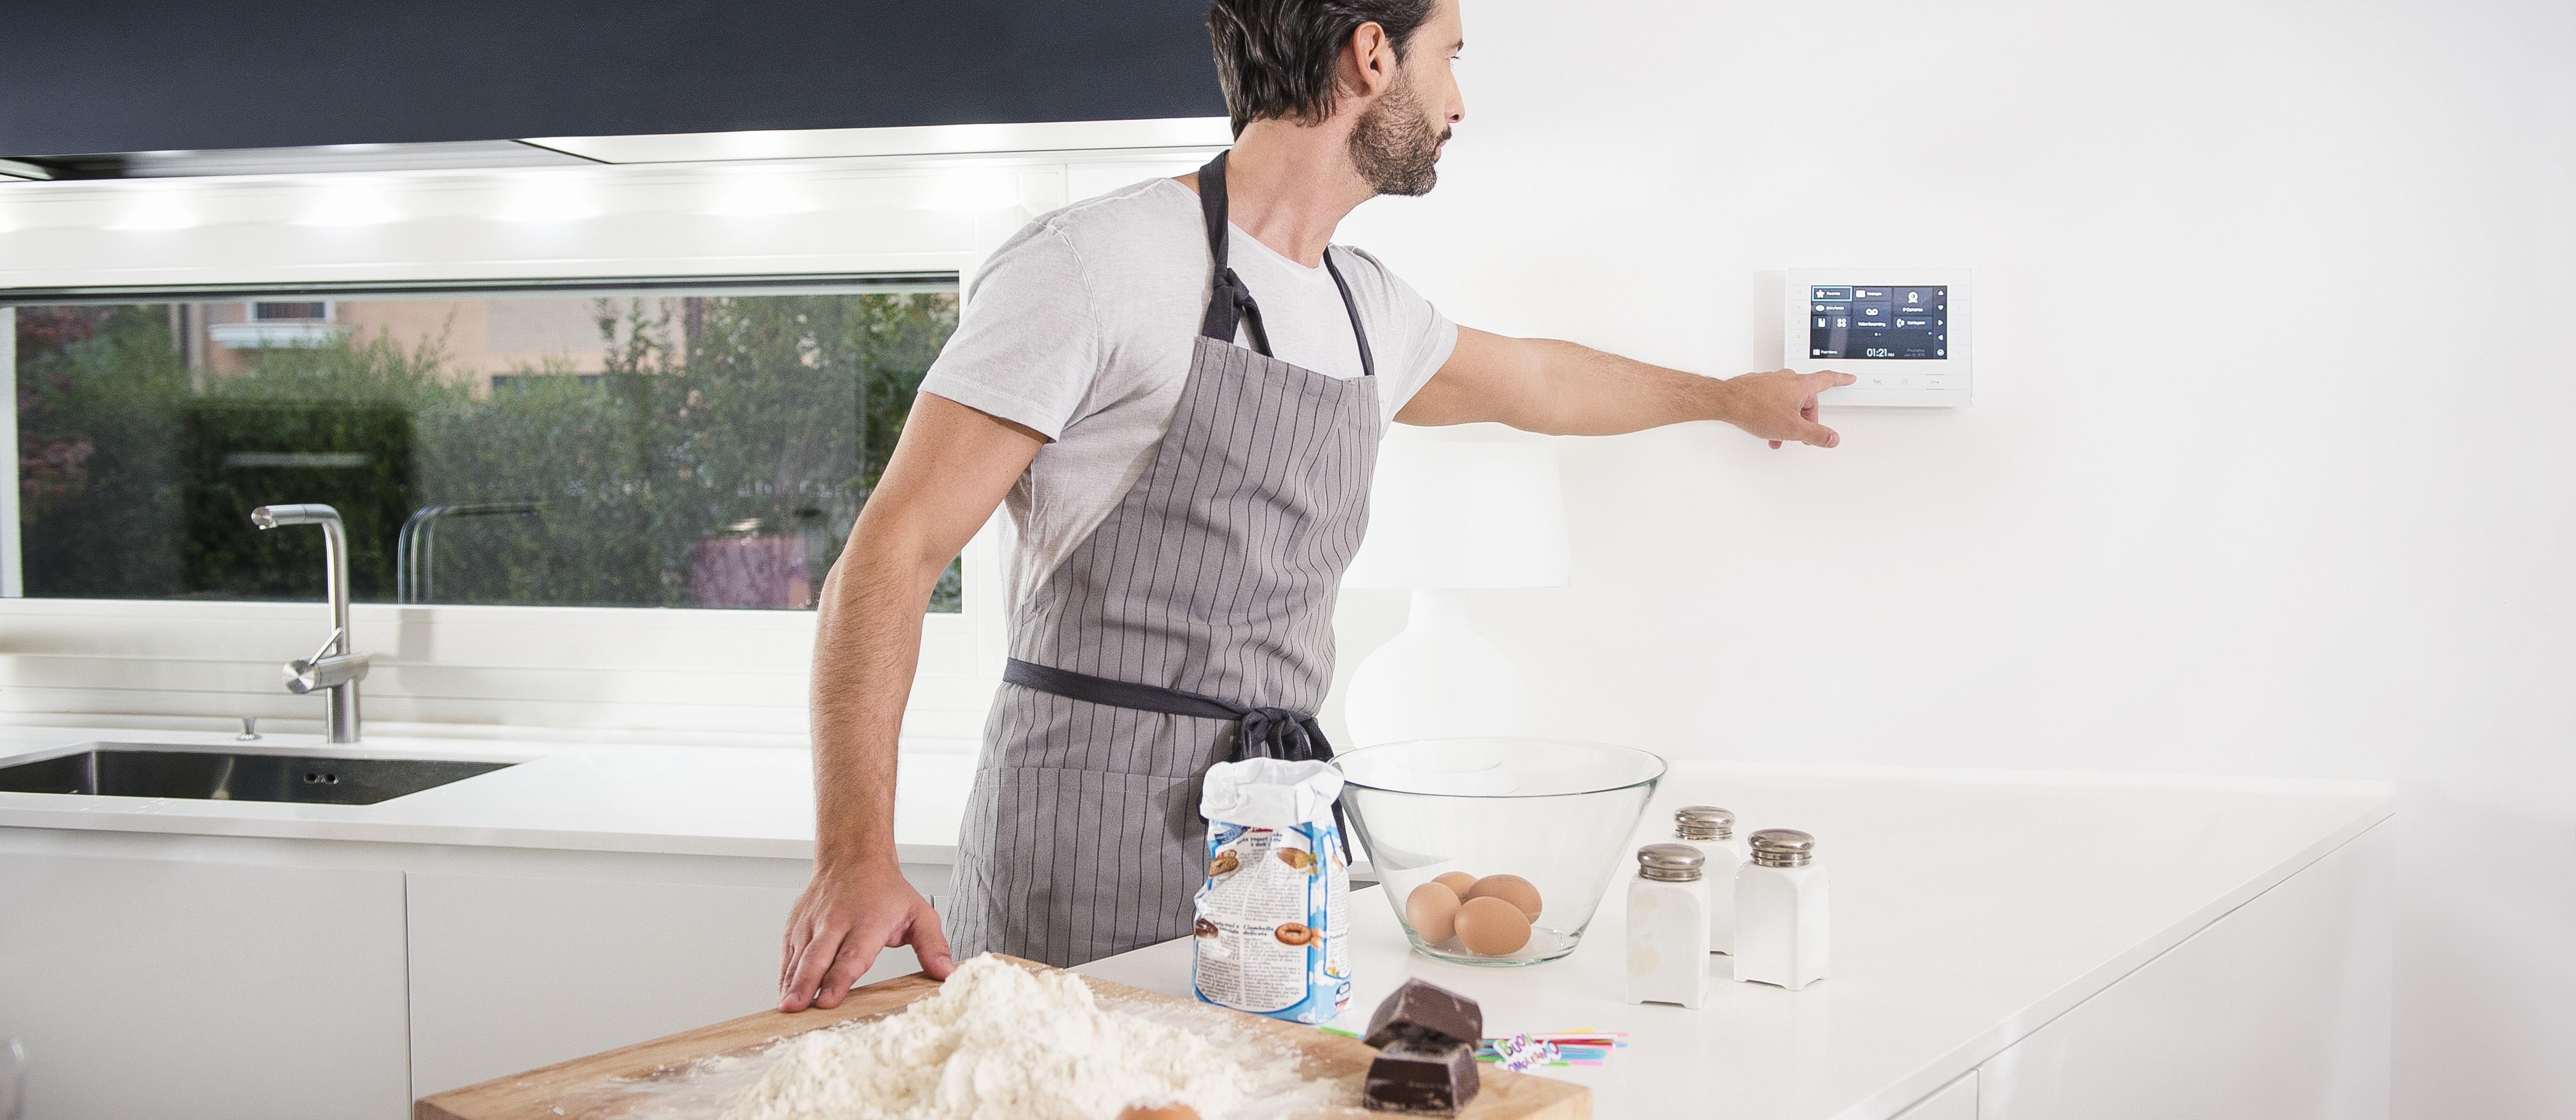 Управление абонентским устройством видеодомофона